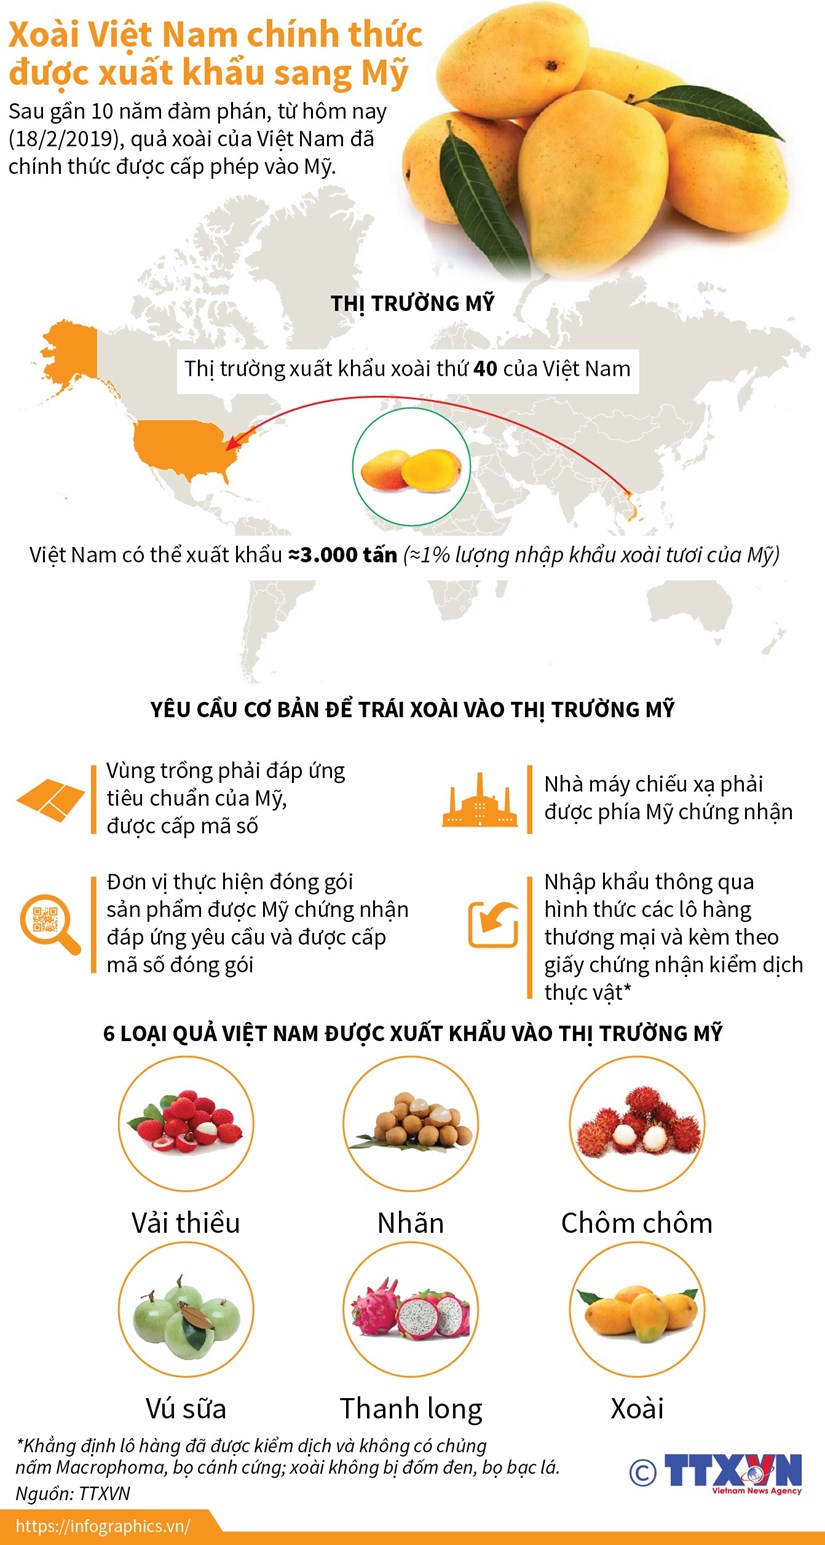 [Infographics] Xoai Viet Nam chinh thuc duoc xuat khau sang My hinh anh 1